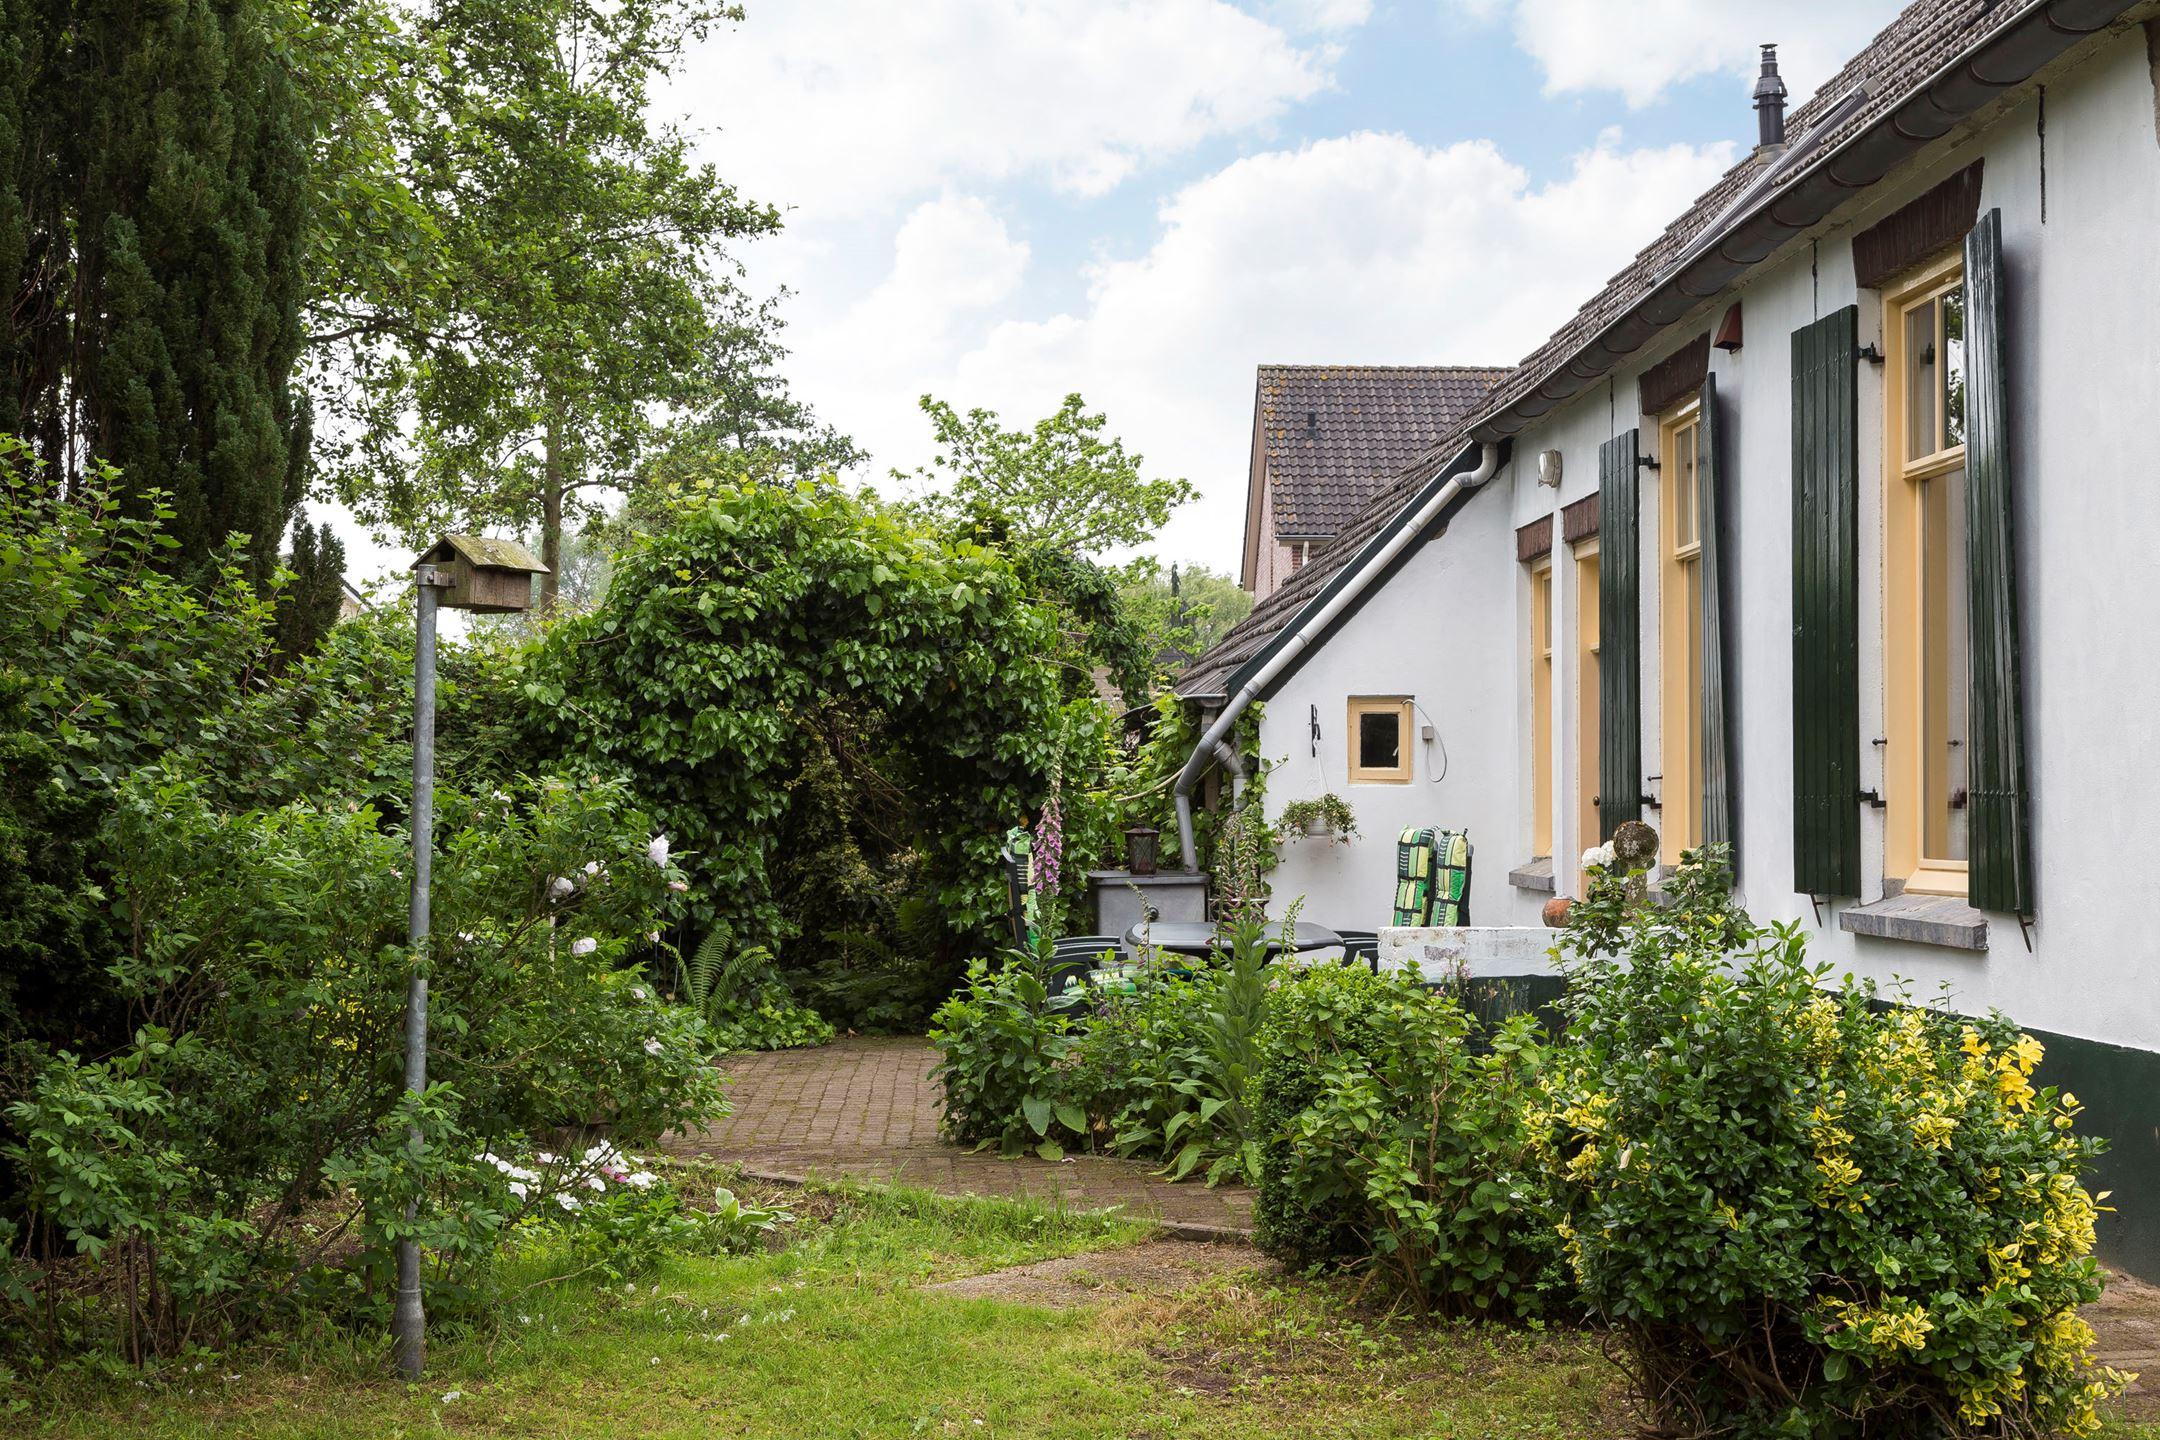 Huis te koop: kerkpad 6 6924 ax loo gld [funda]